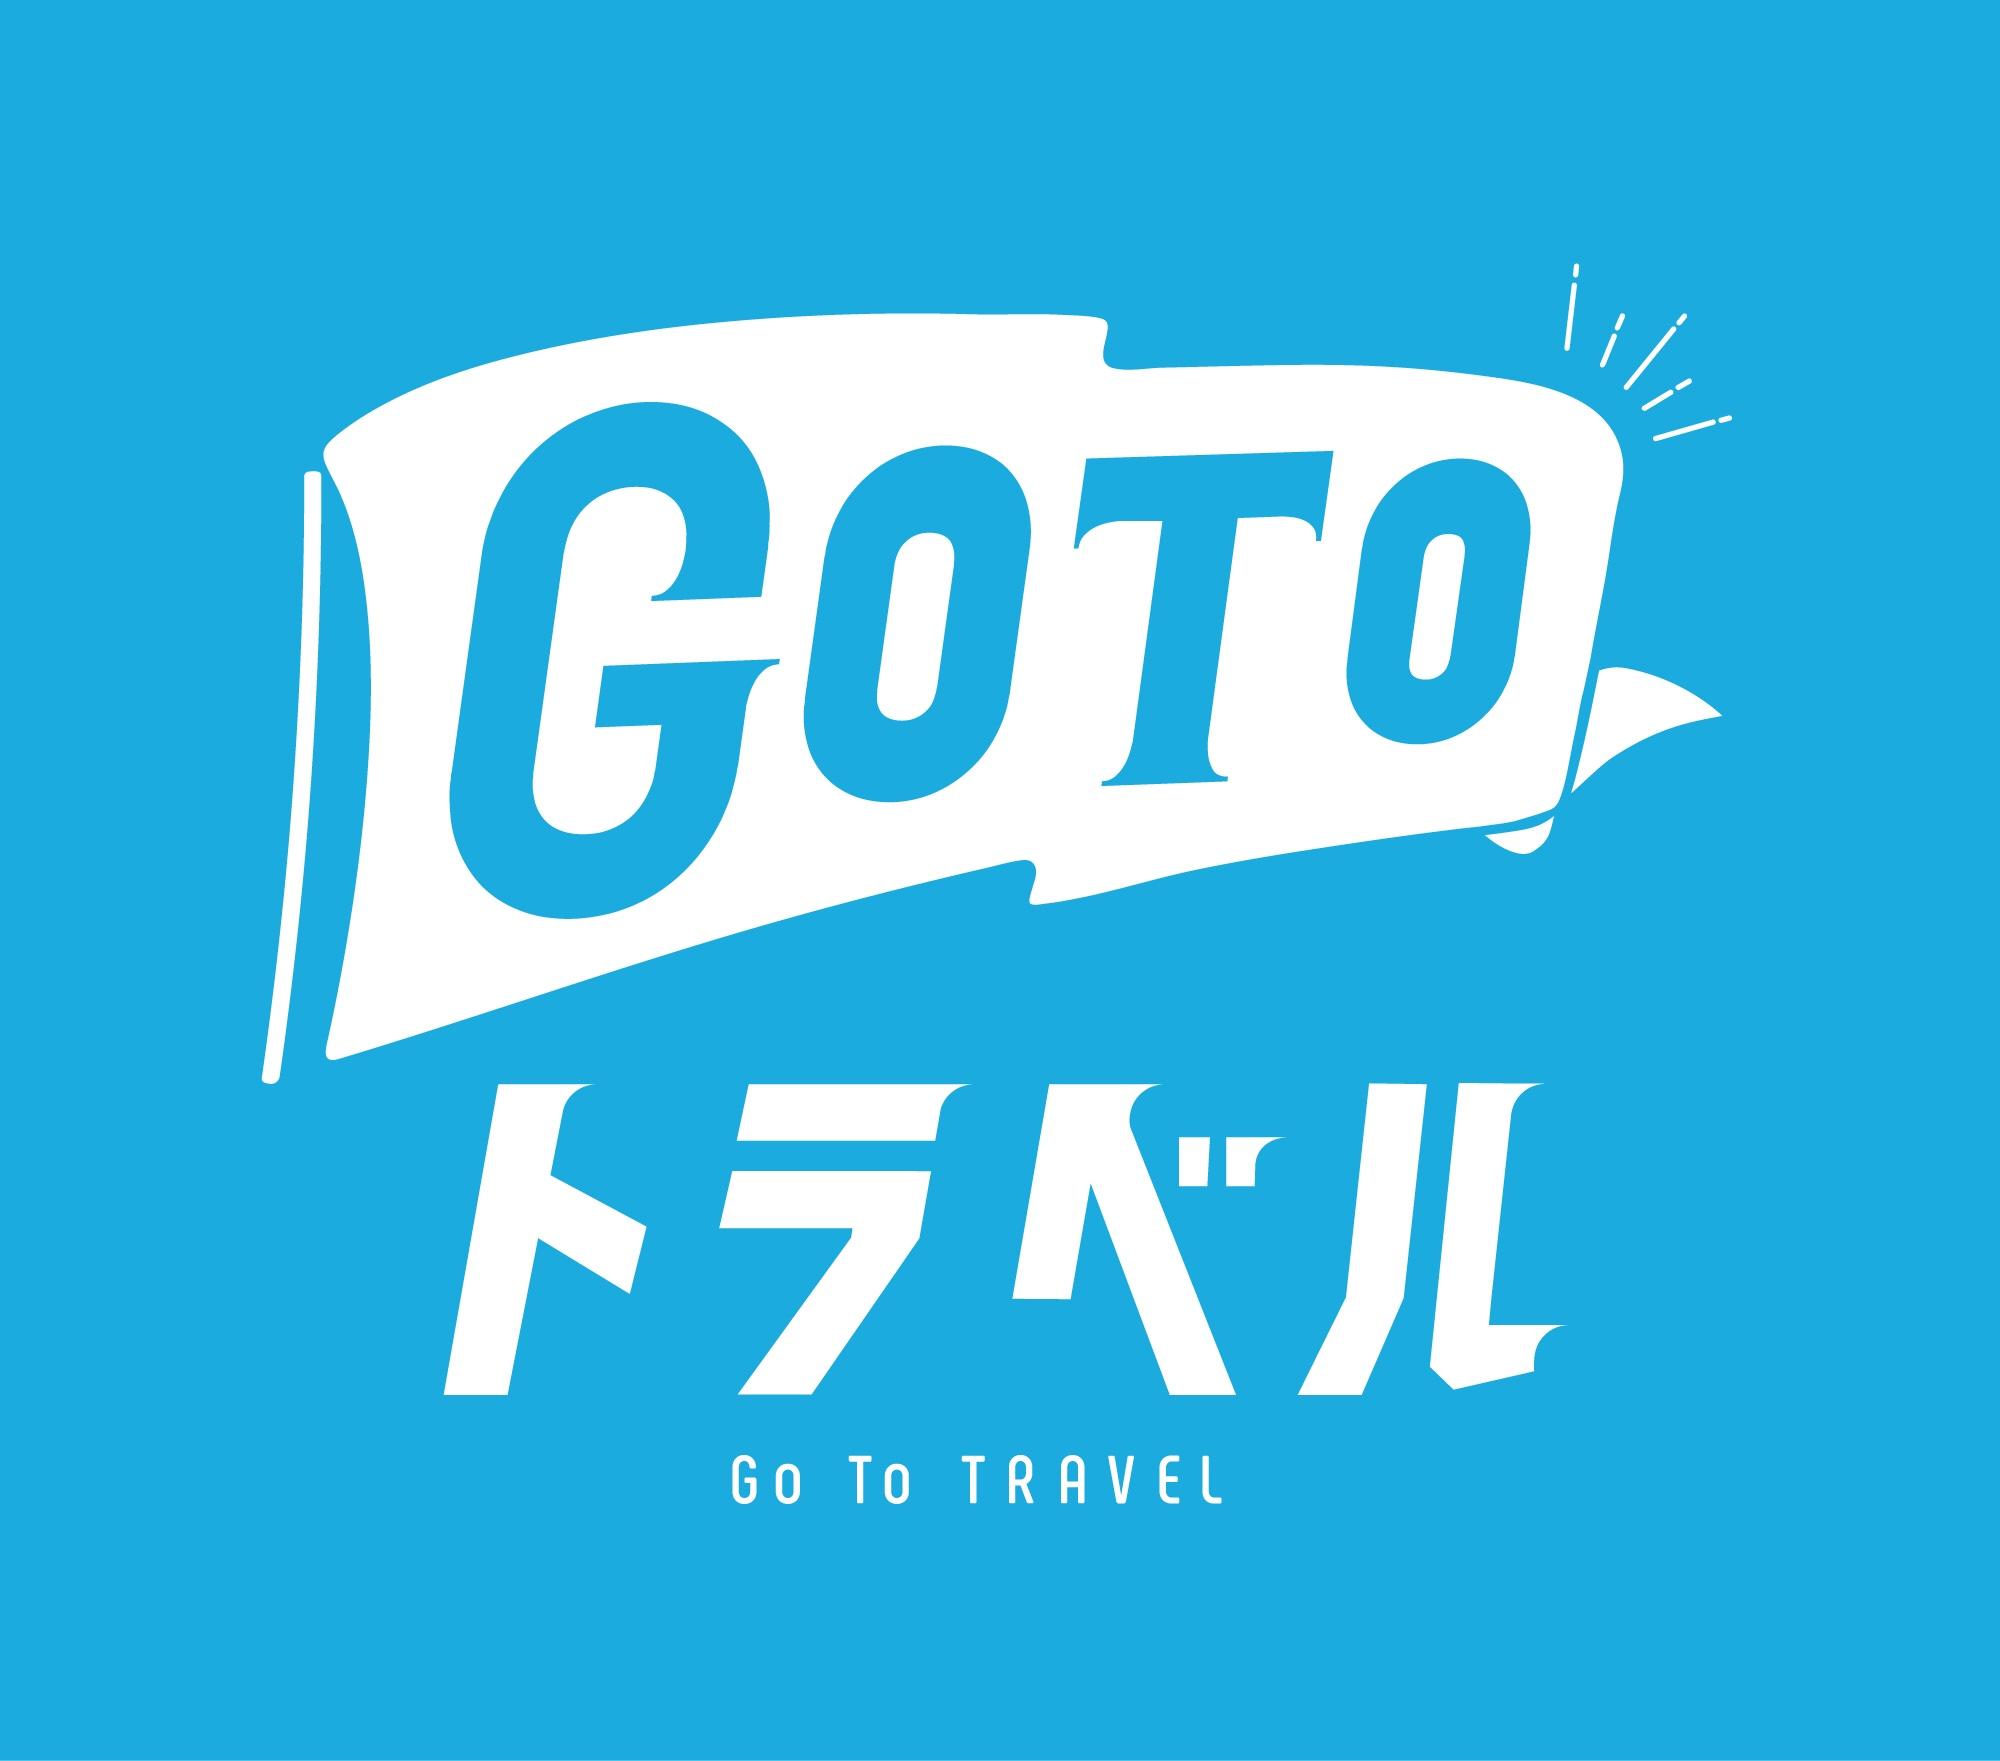 GoToトラベル地域共通クーポンが使えます!